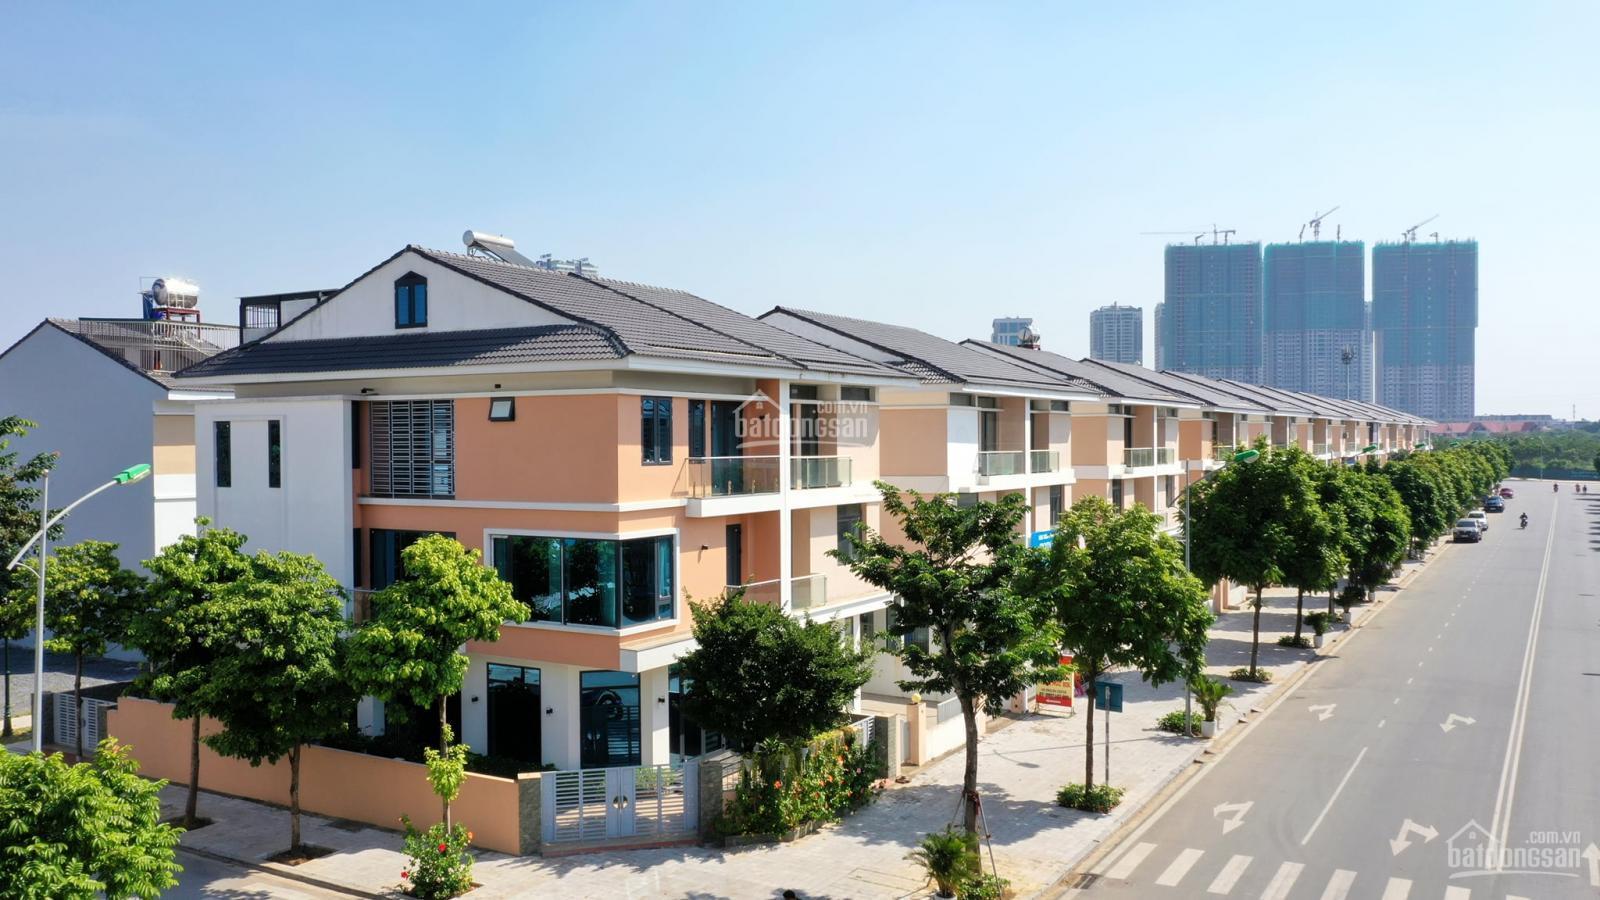 Hot, chính sách bán hàng mới bảng hàng biệt thự Nam Cường chiết khấu lên đến 2 tỷ cho căn hộ